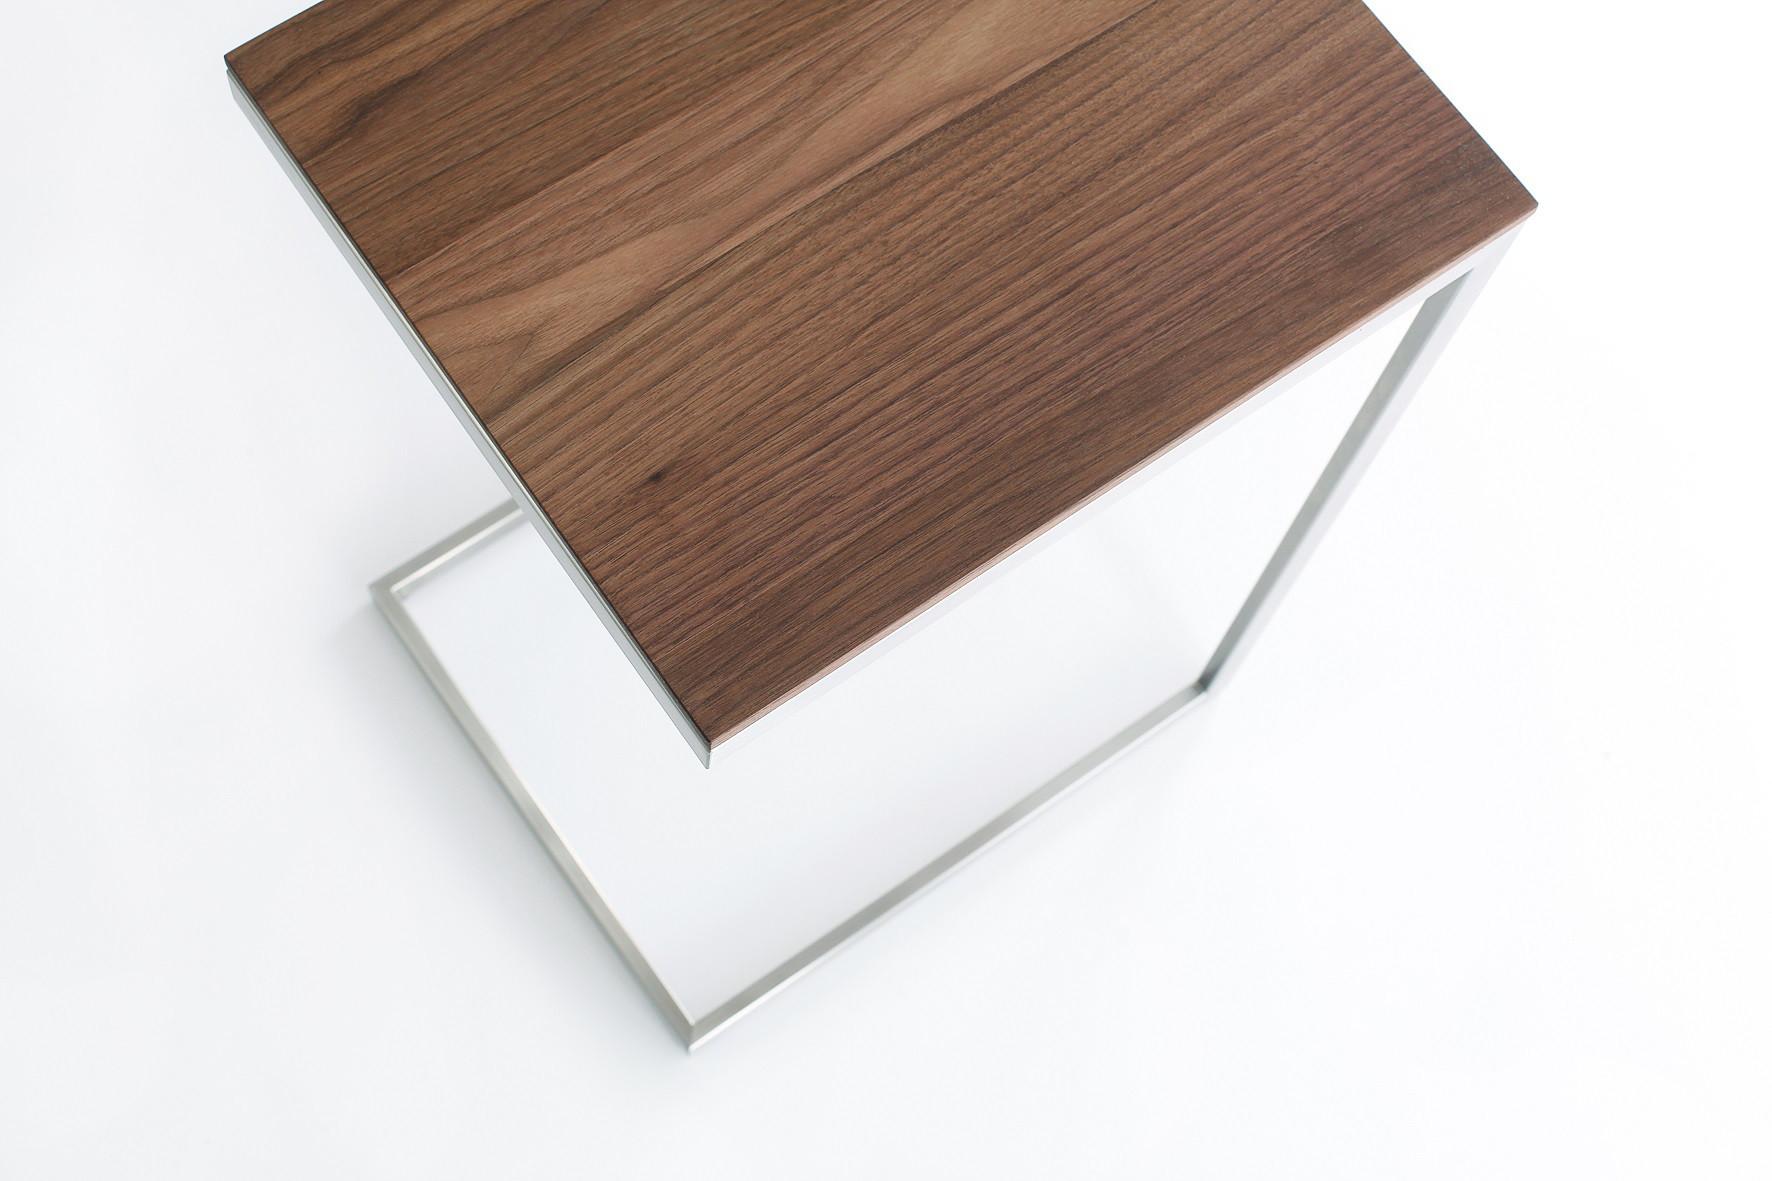 Beistelltisch Jano Aus Holz Und Metall Goldau Noelle Manufaktur